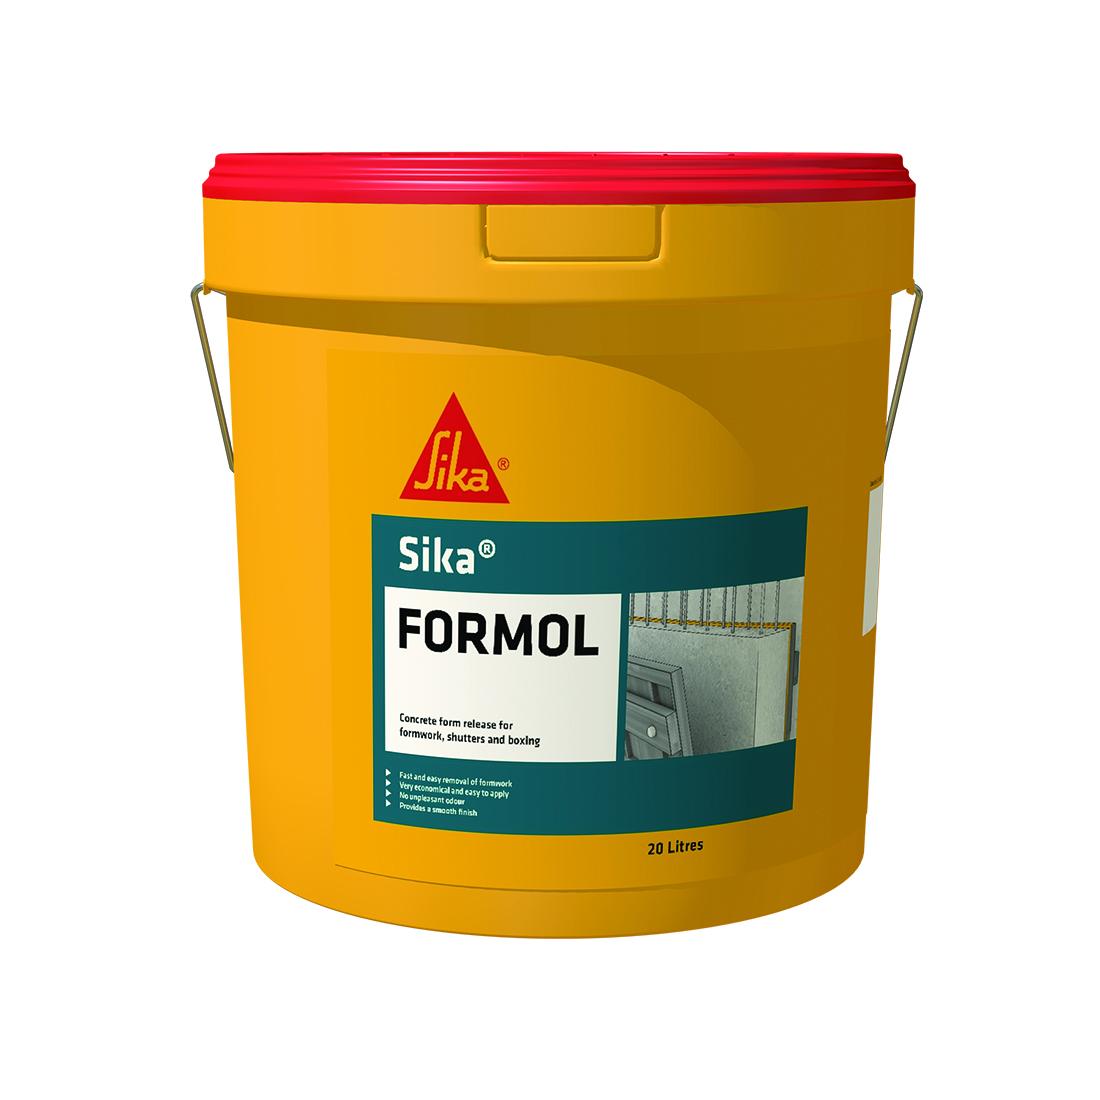 Formol 20L Concrete Form Release Agent Blue/Green